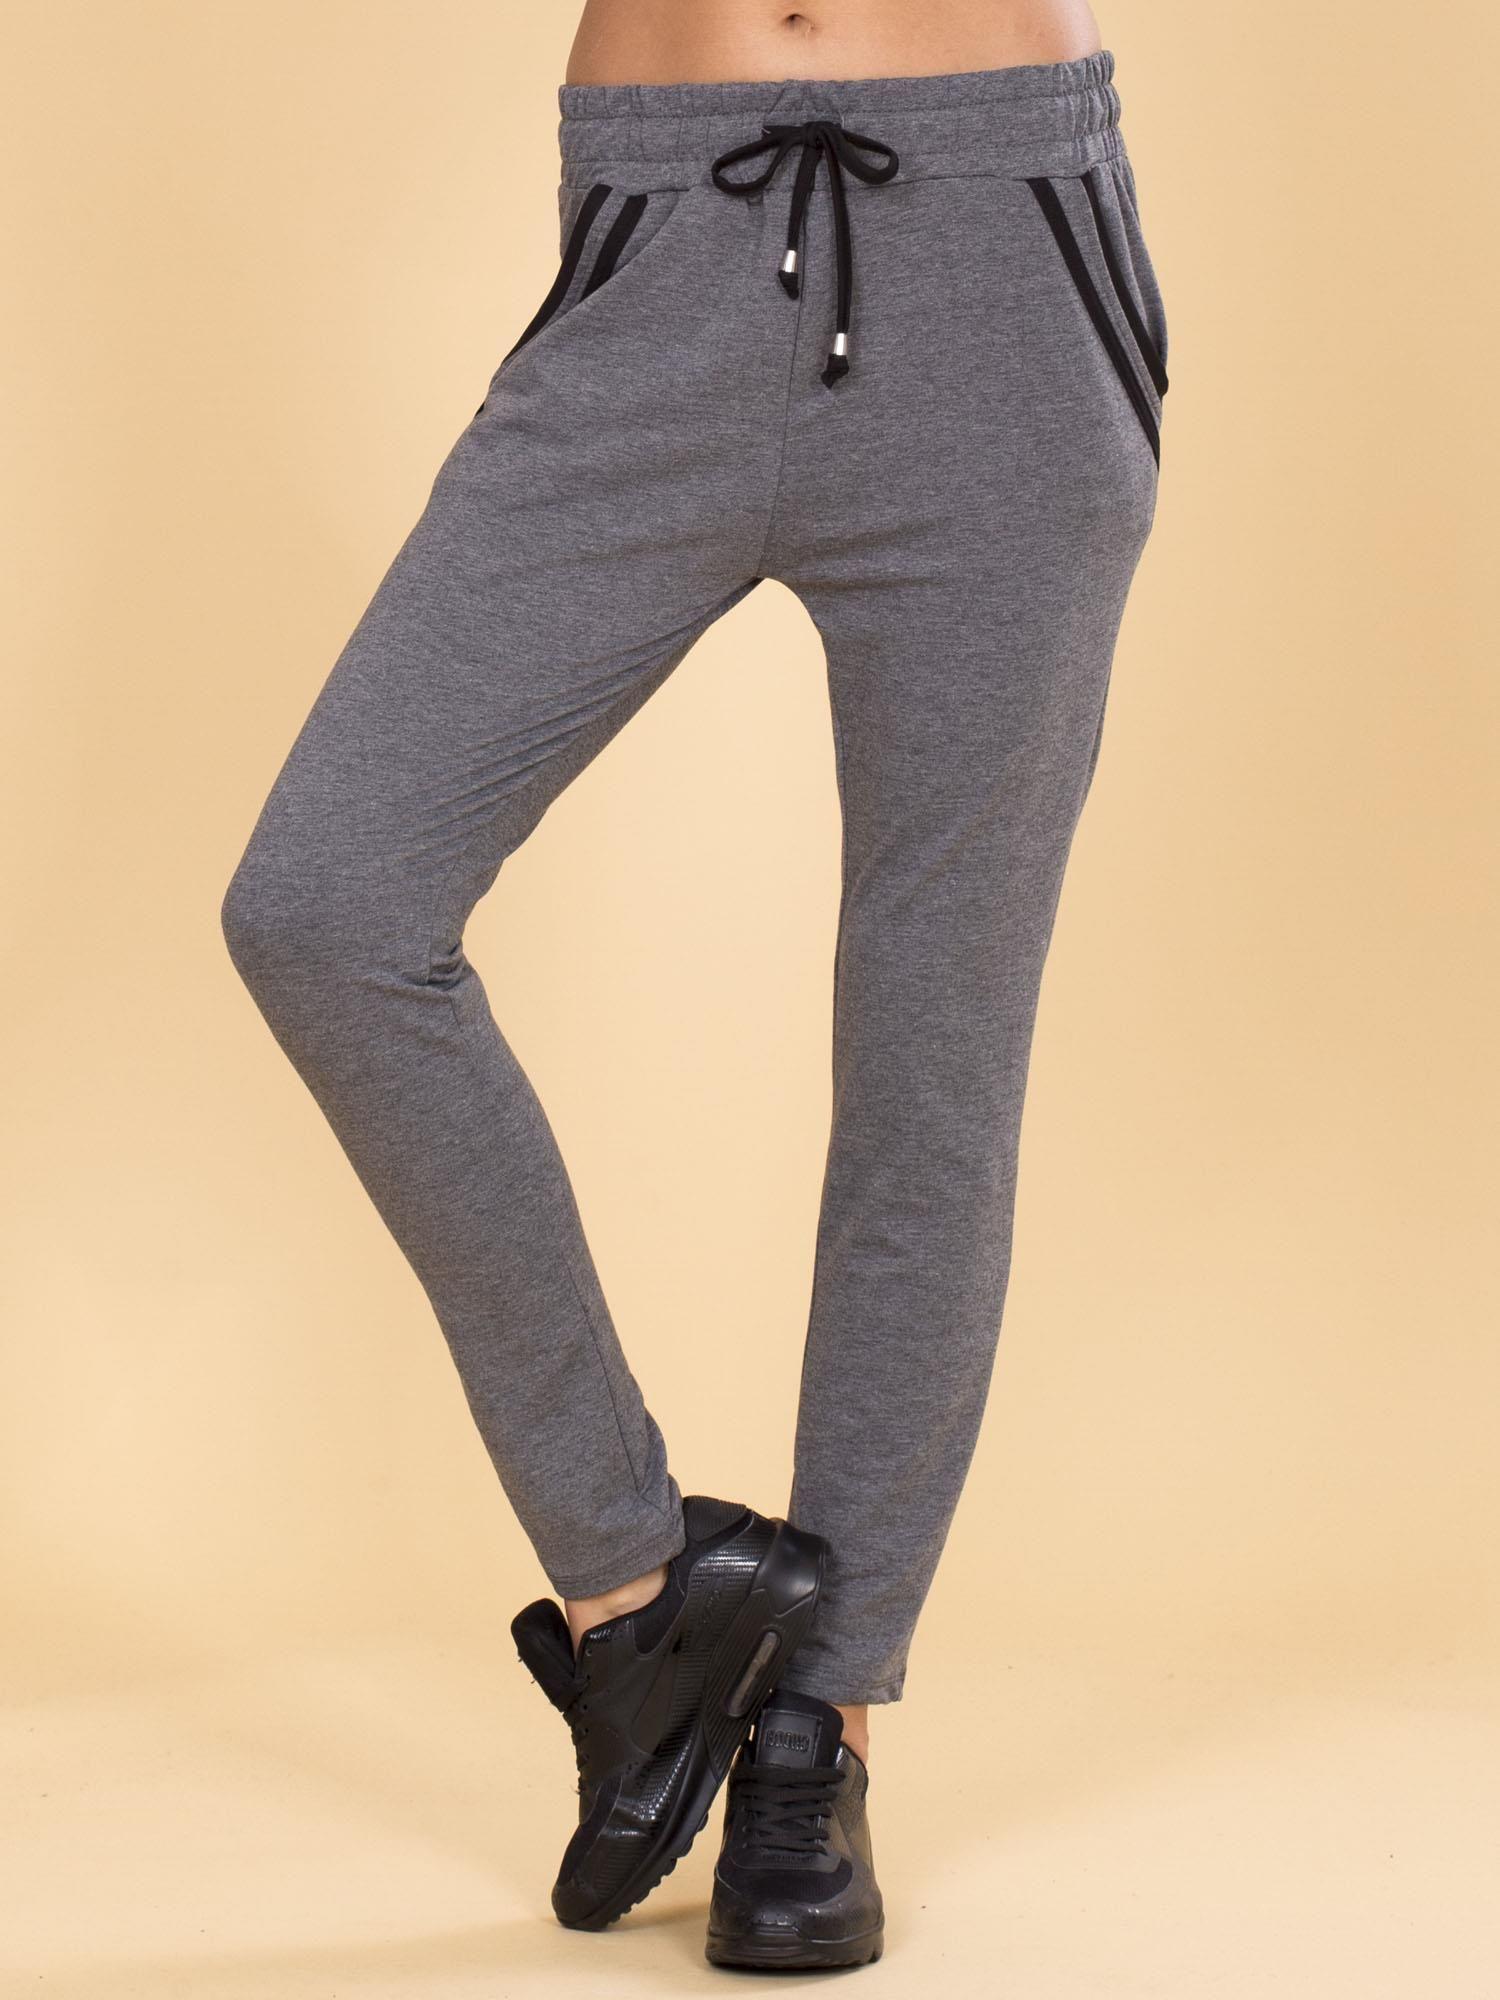 1a9a2177 Bawełniane damskie spodnie dresowe ciemnoszare